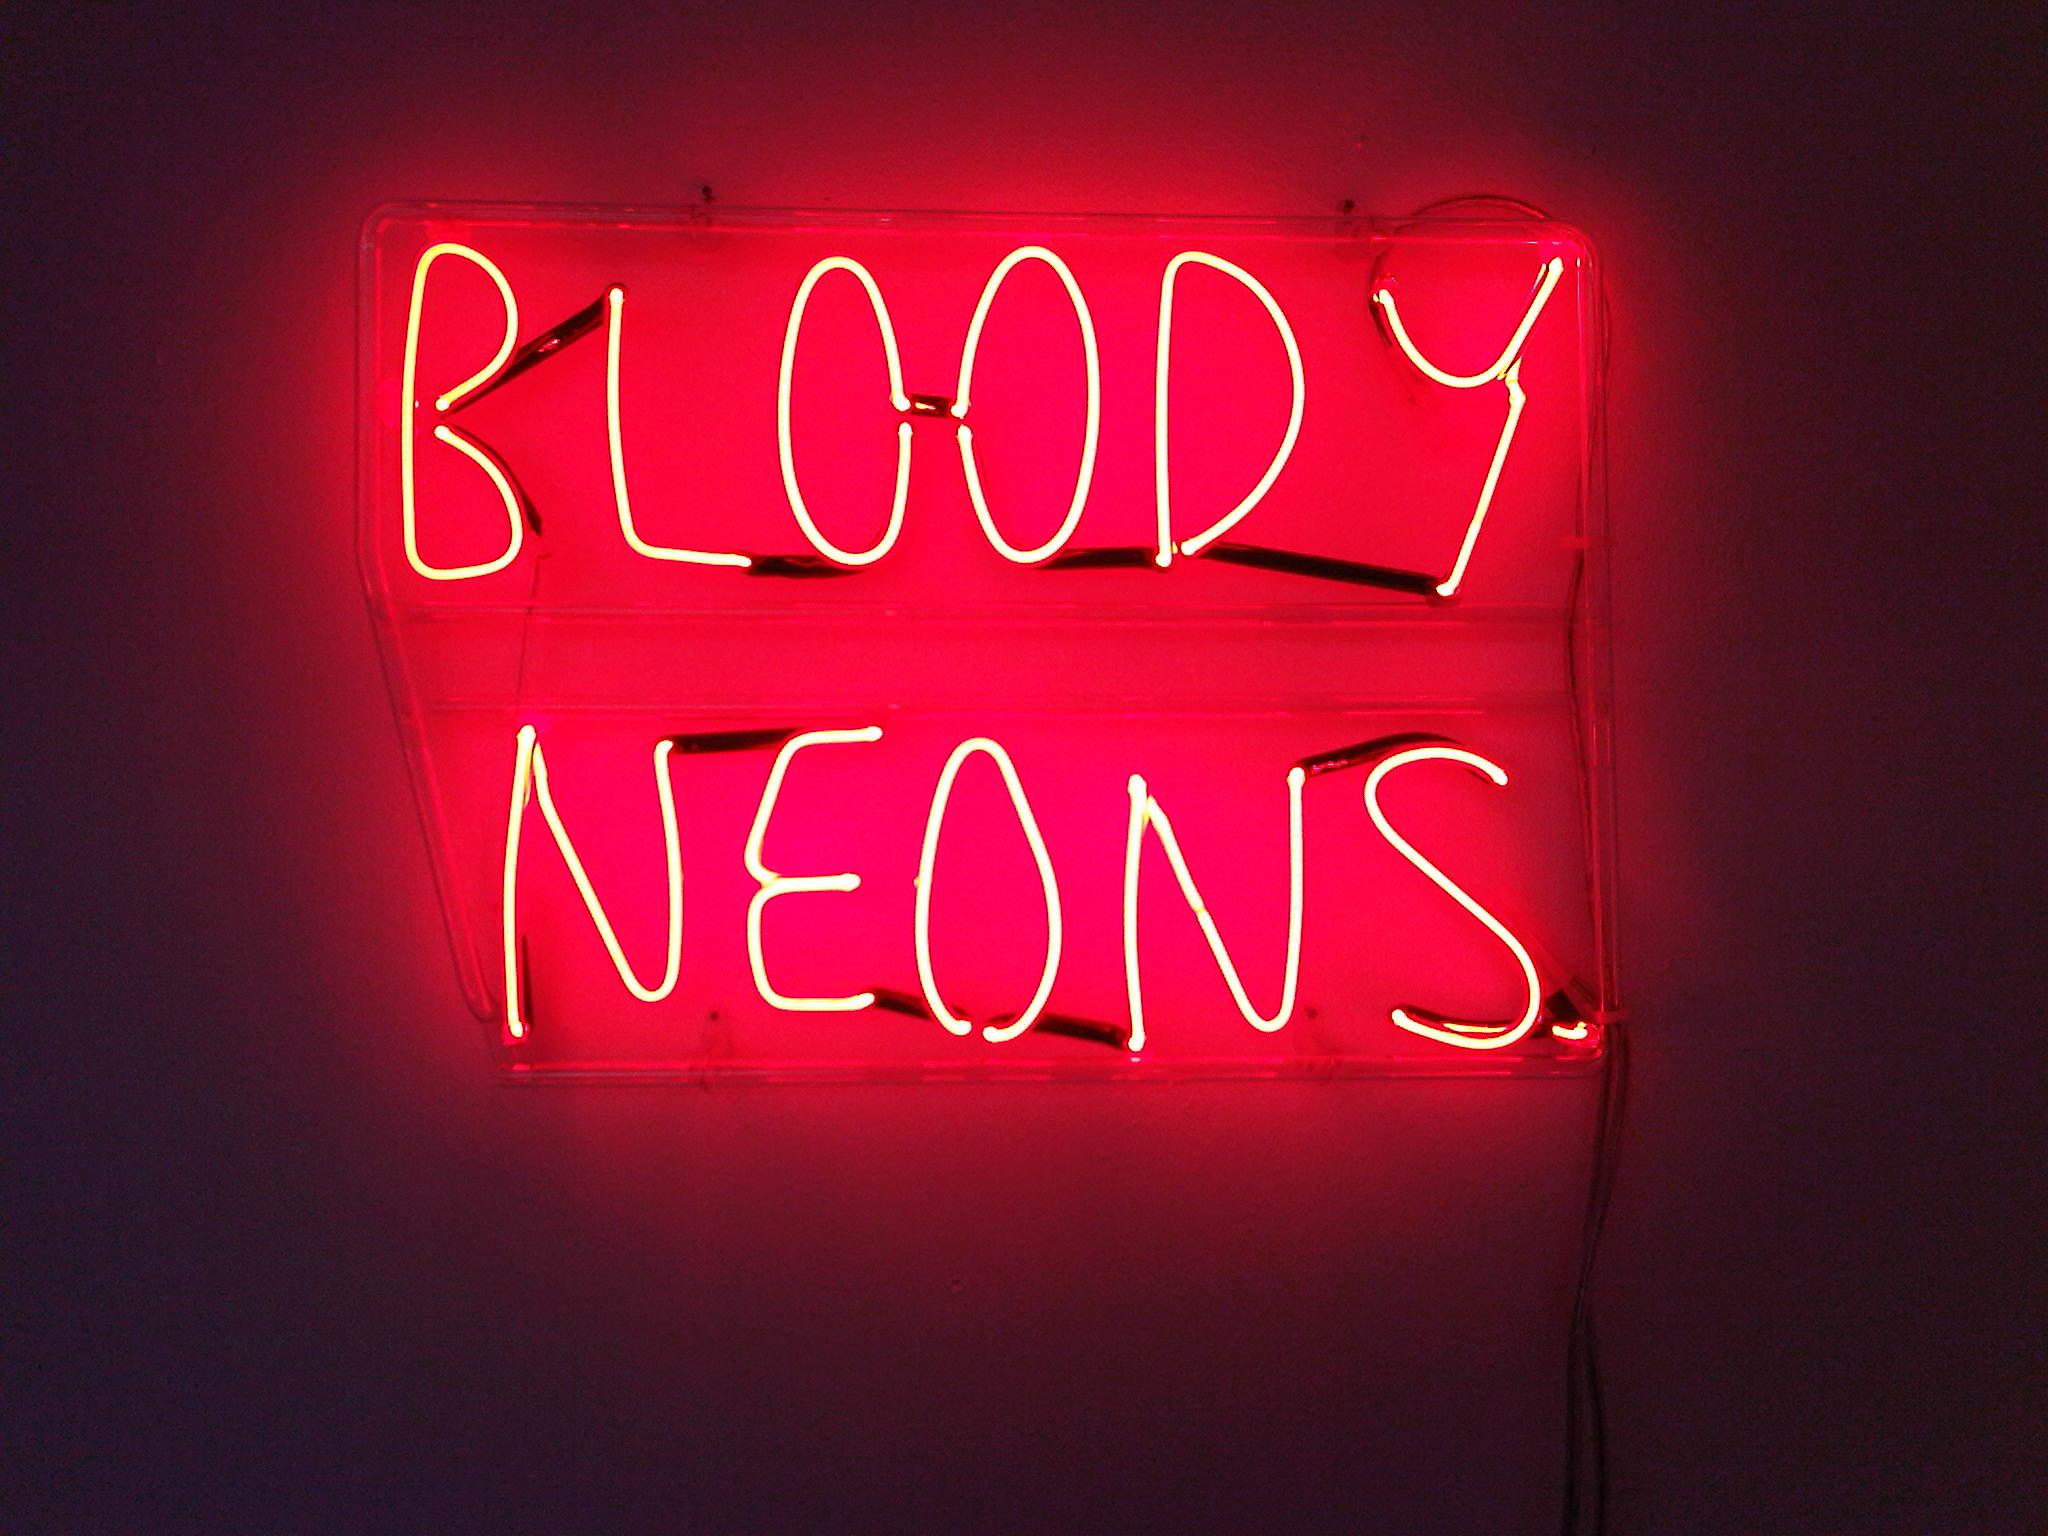 Bloody Neons.jpg